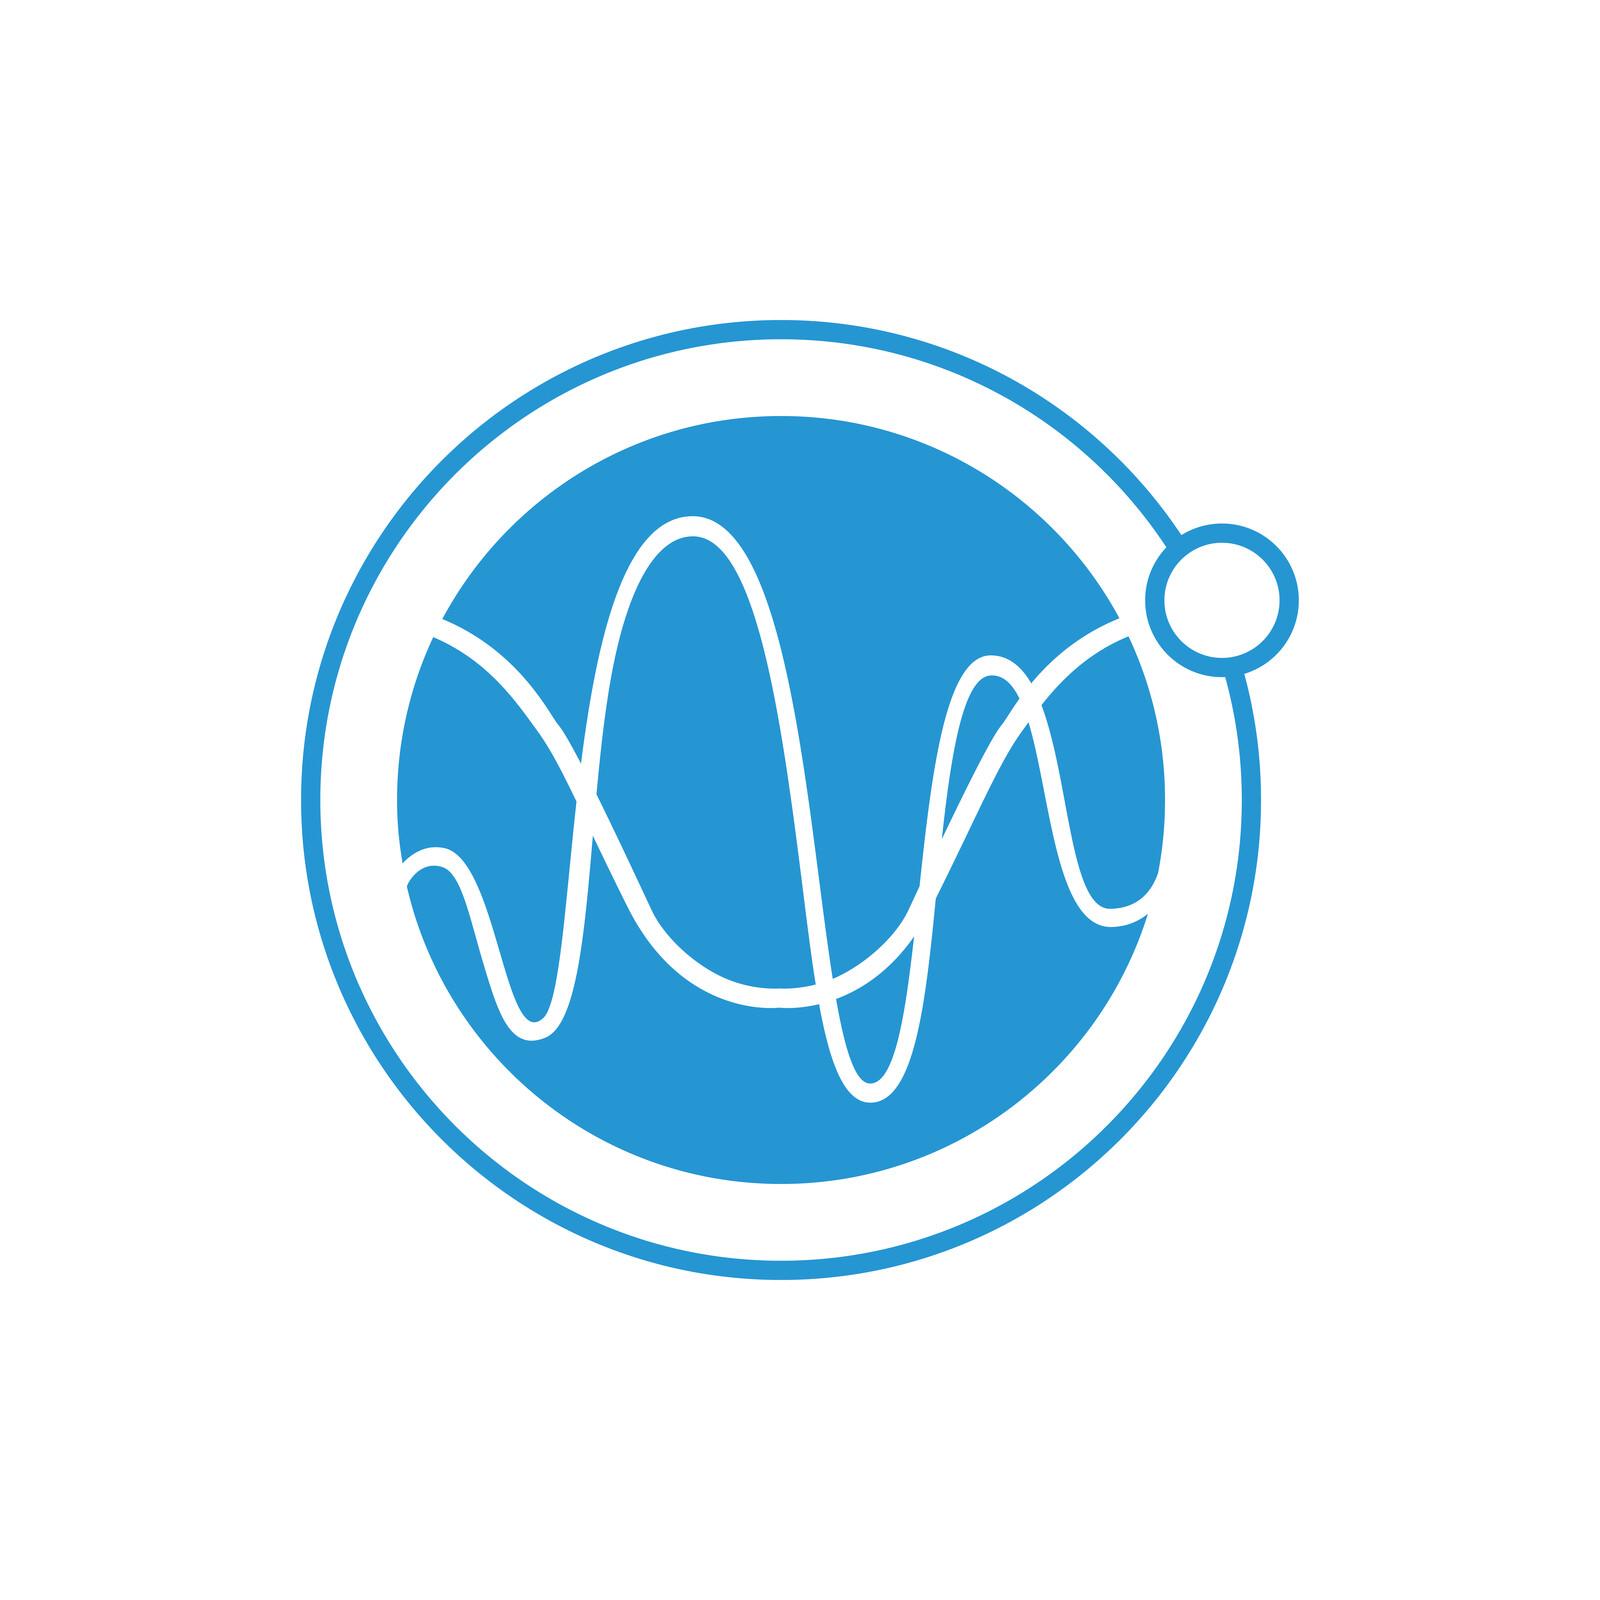 Cognitive Leap - Logo Design